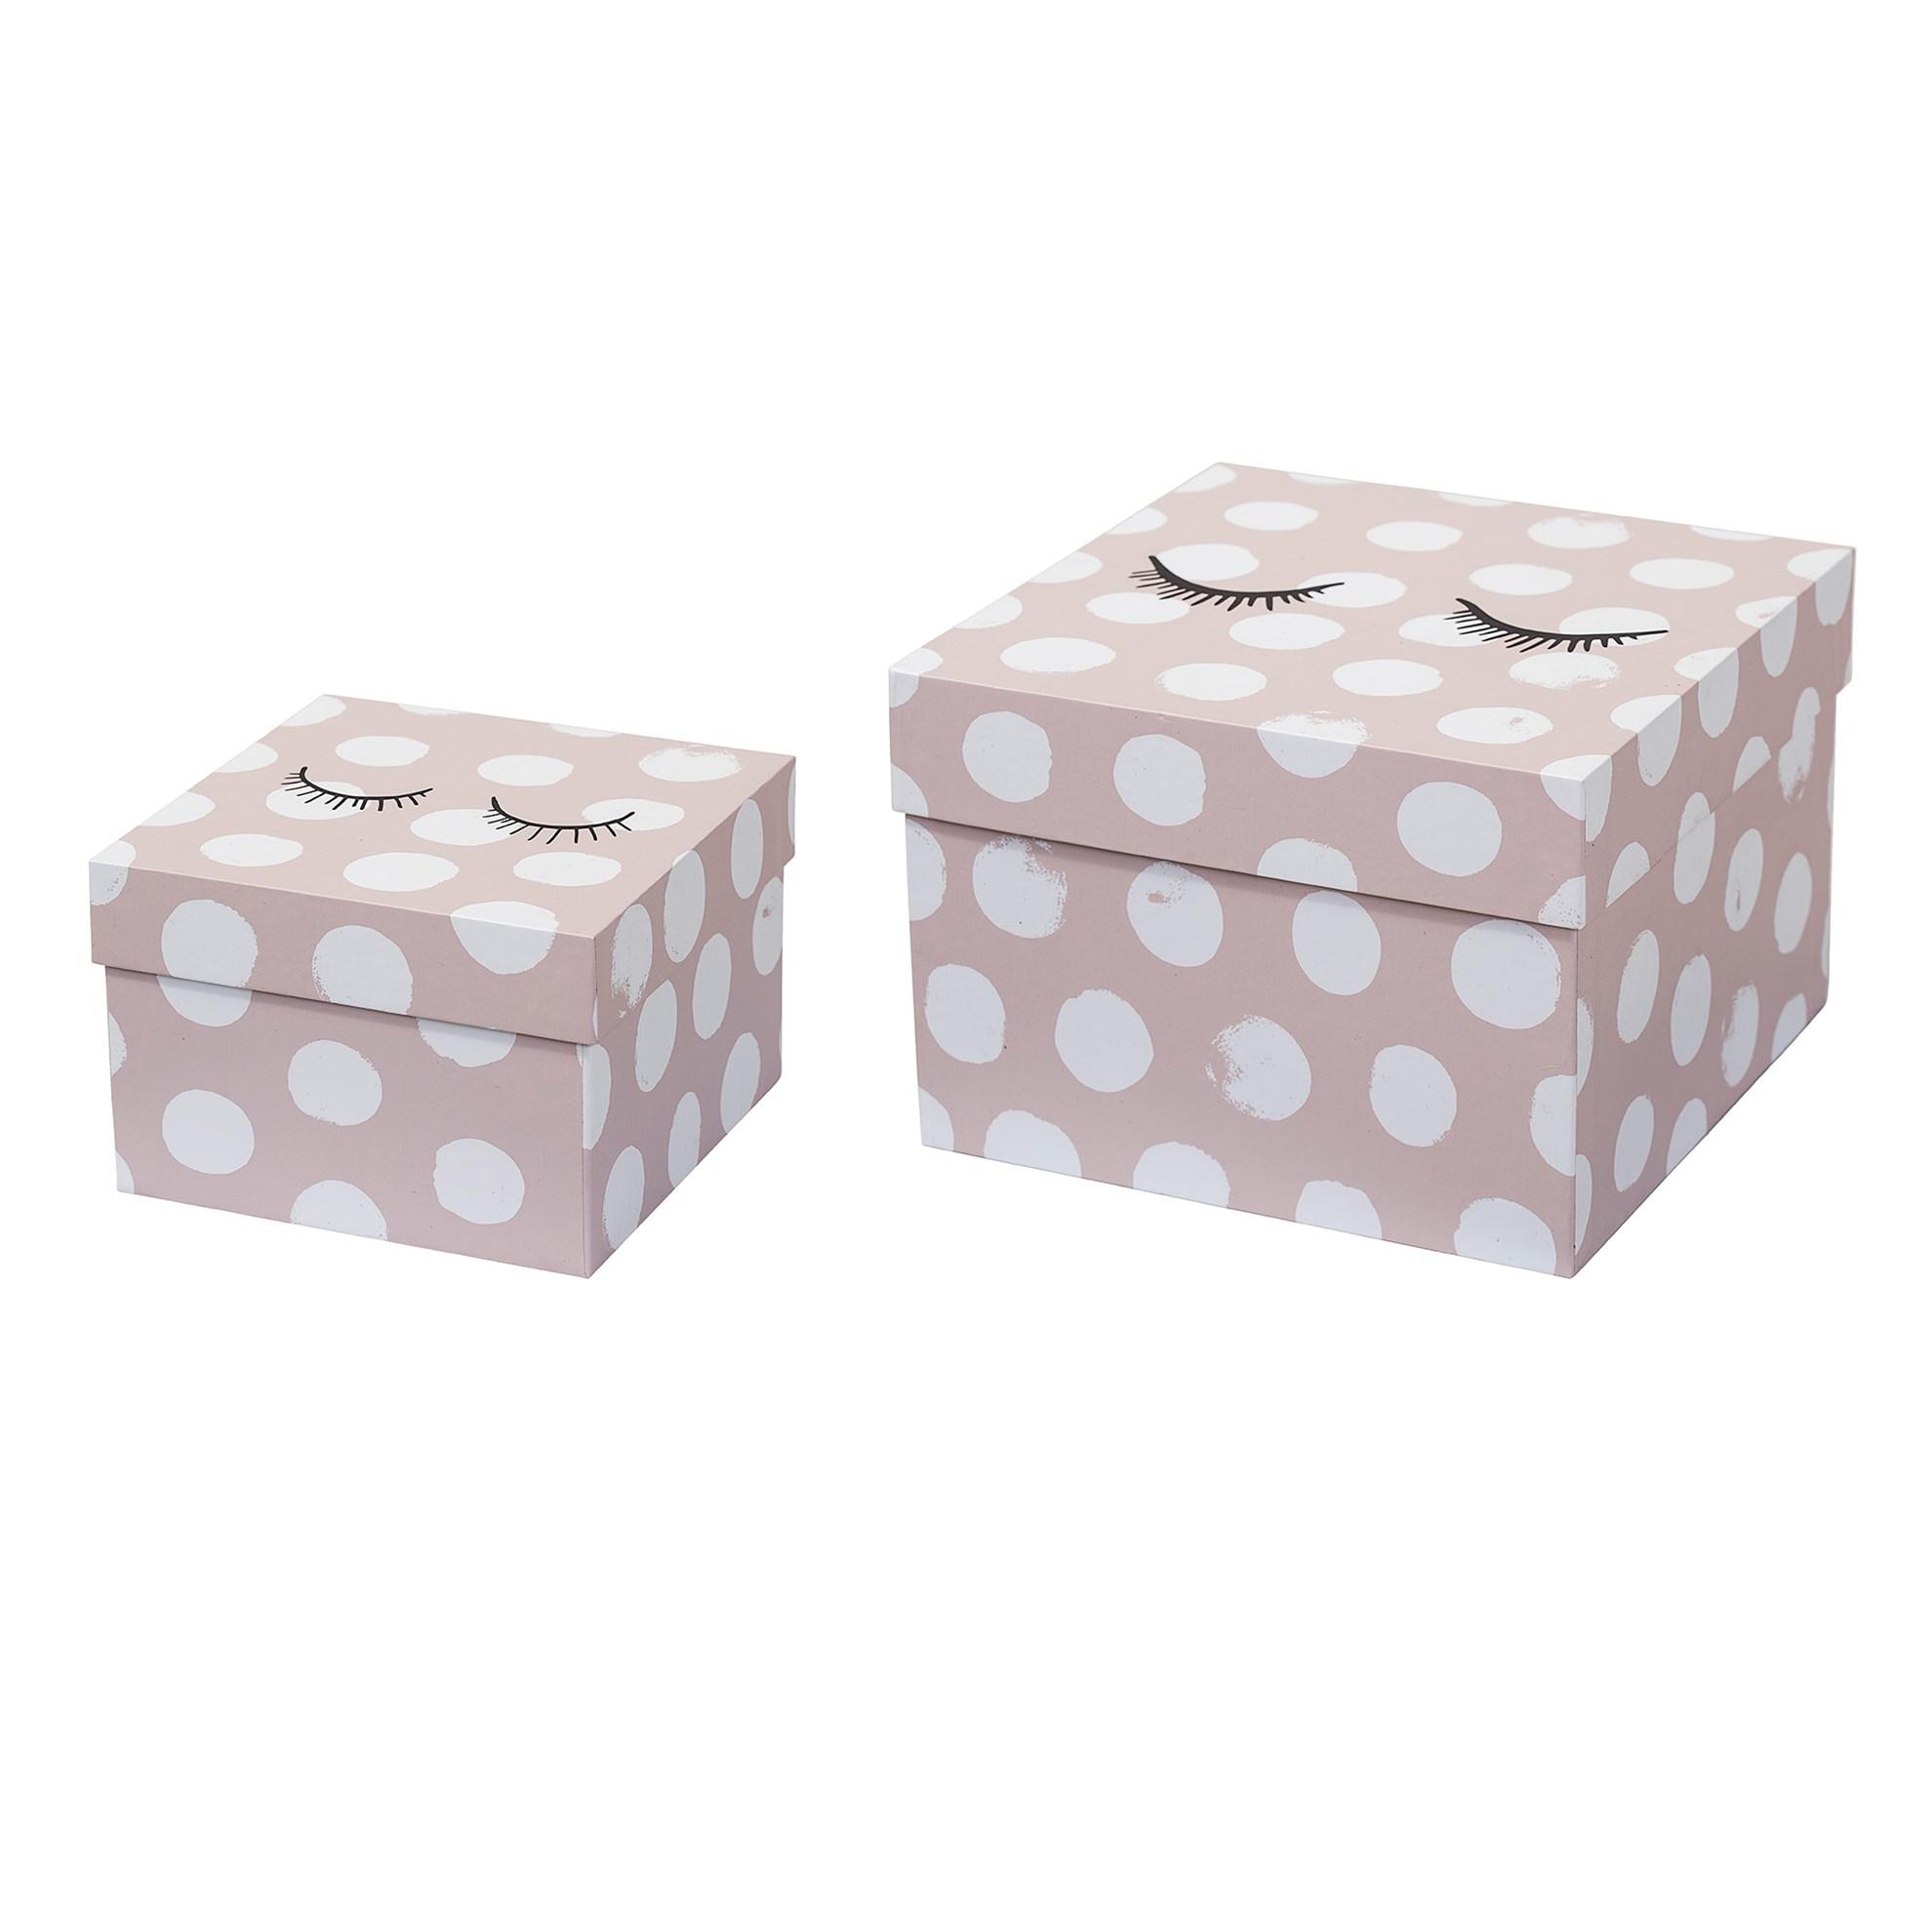 Box s víkem /set 2ks_2